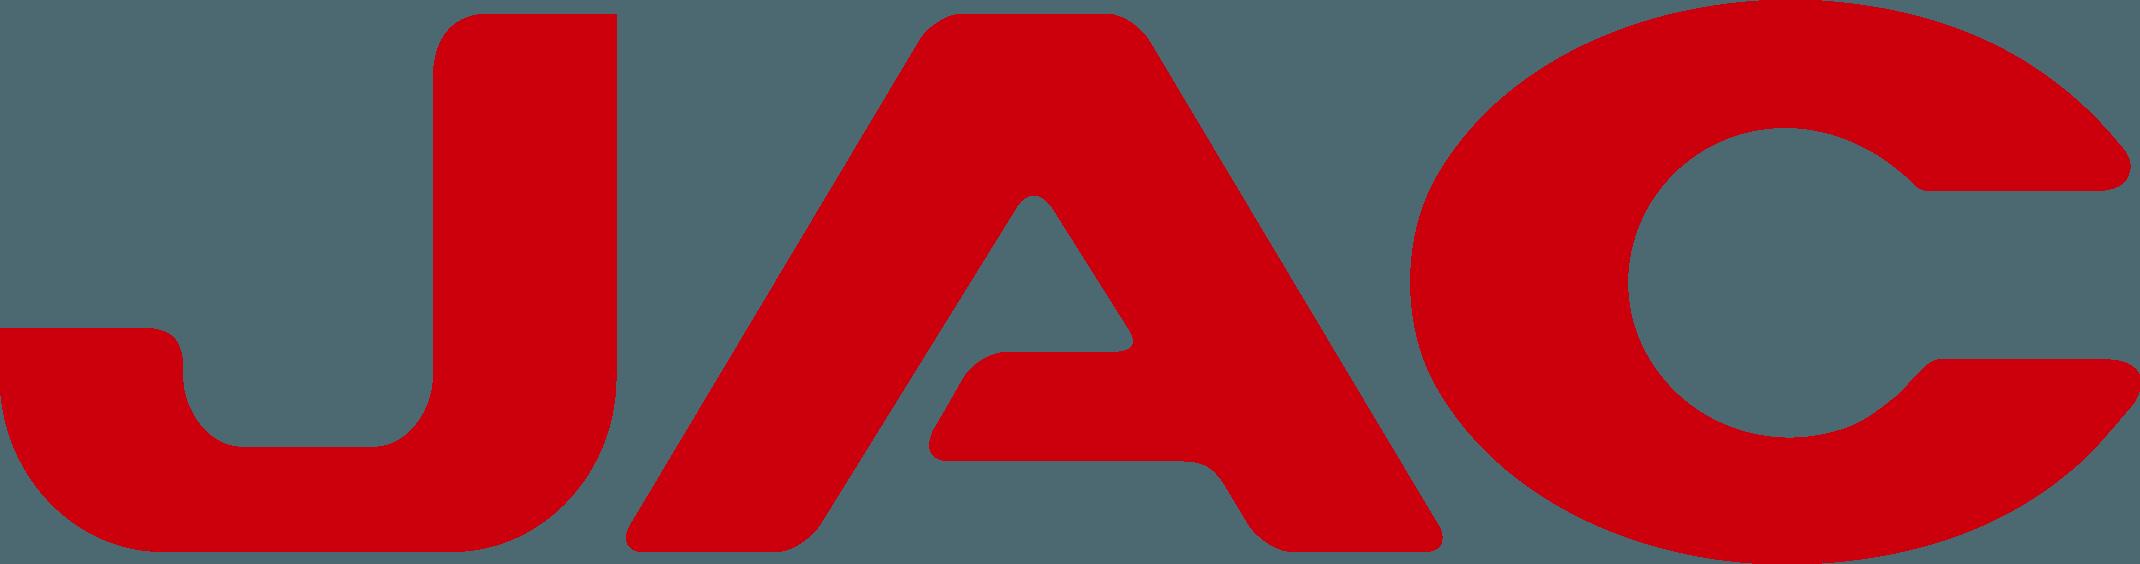 jac-motors_logo